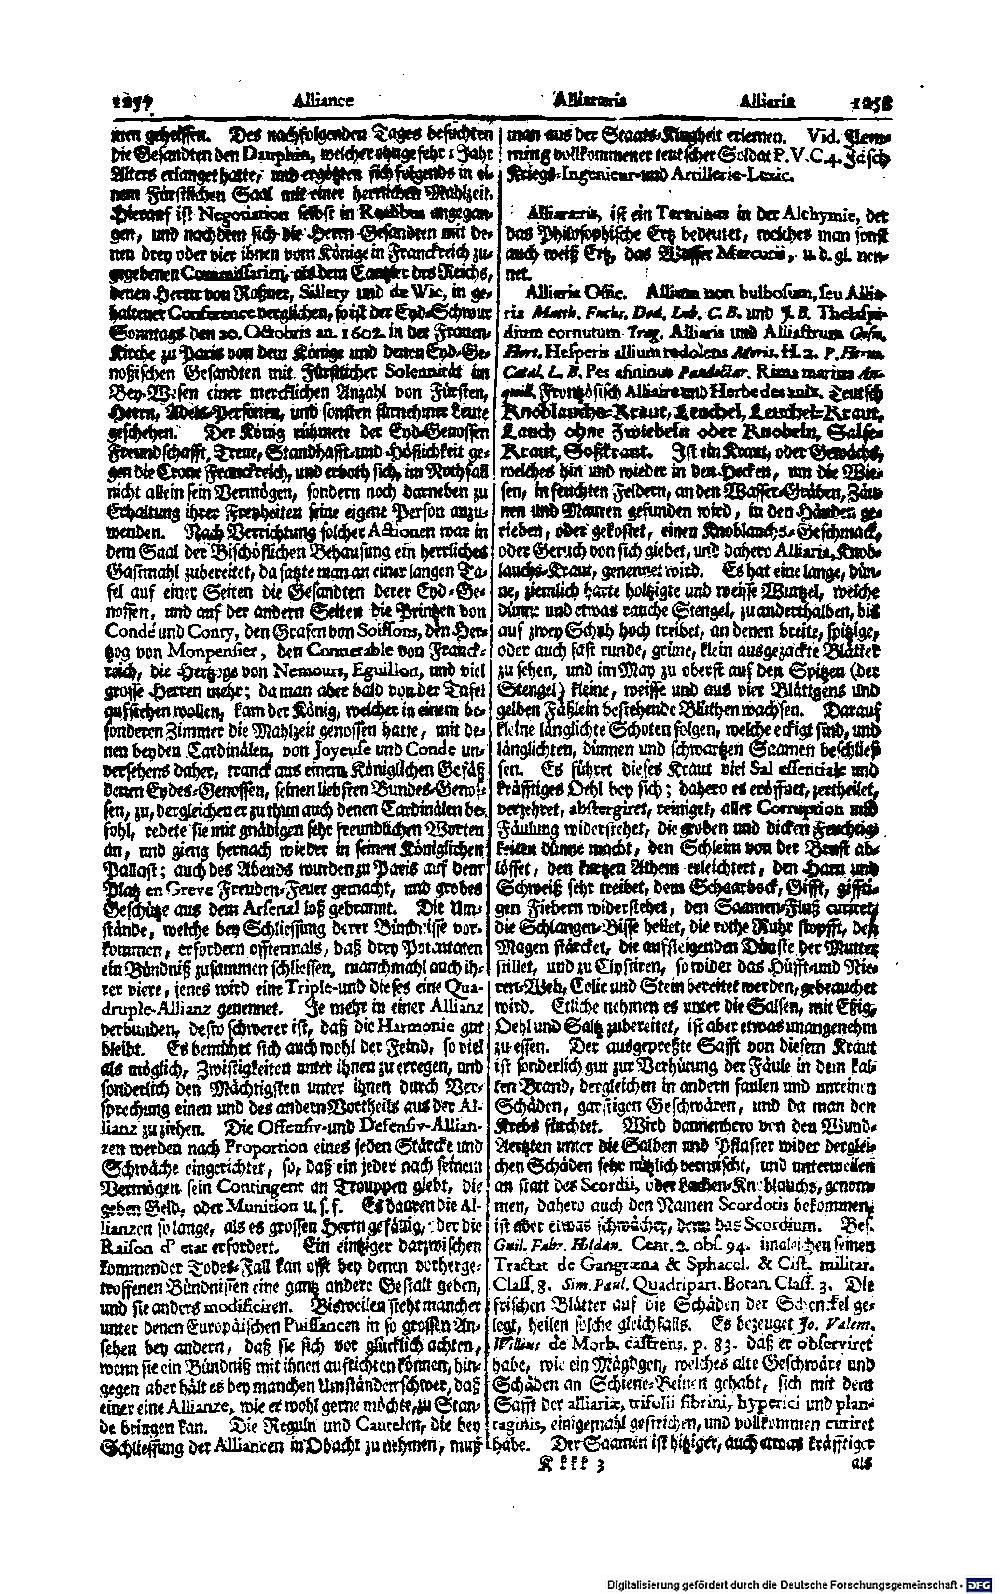 Bd. 01, Seite 0668.